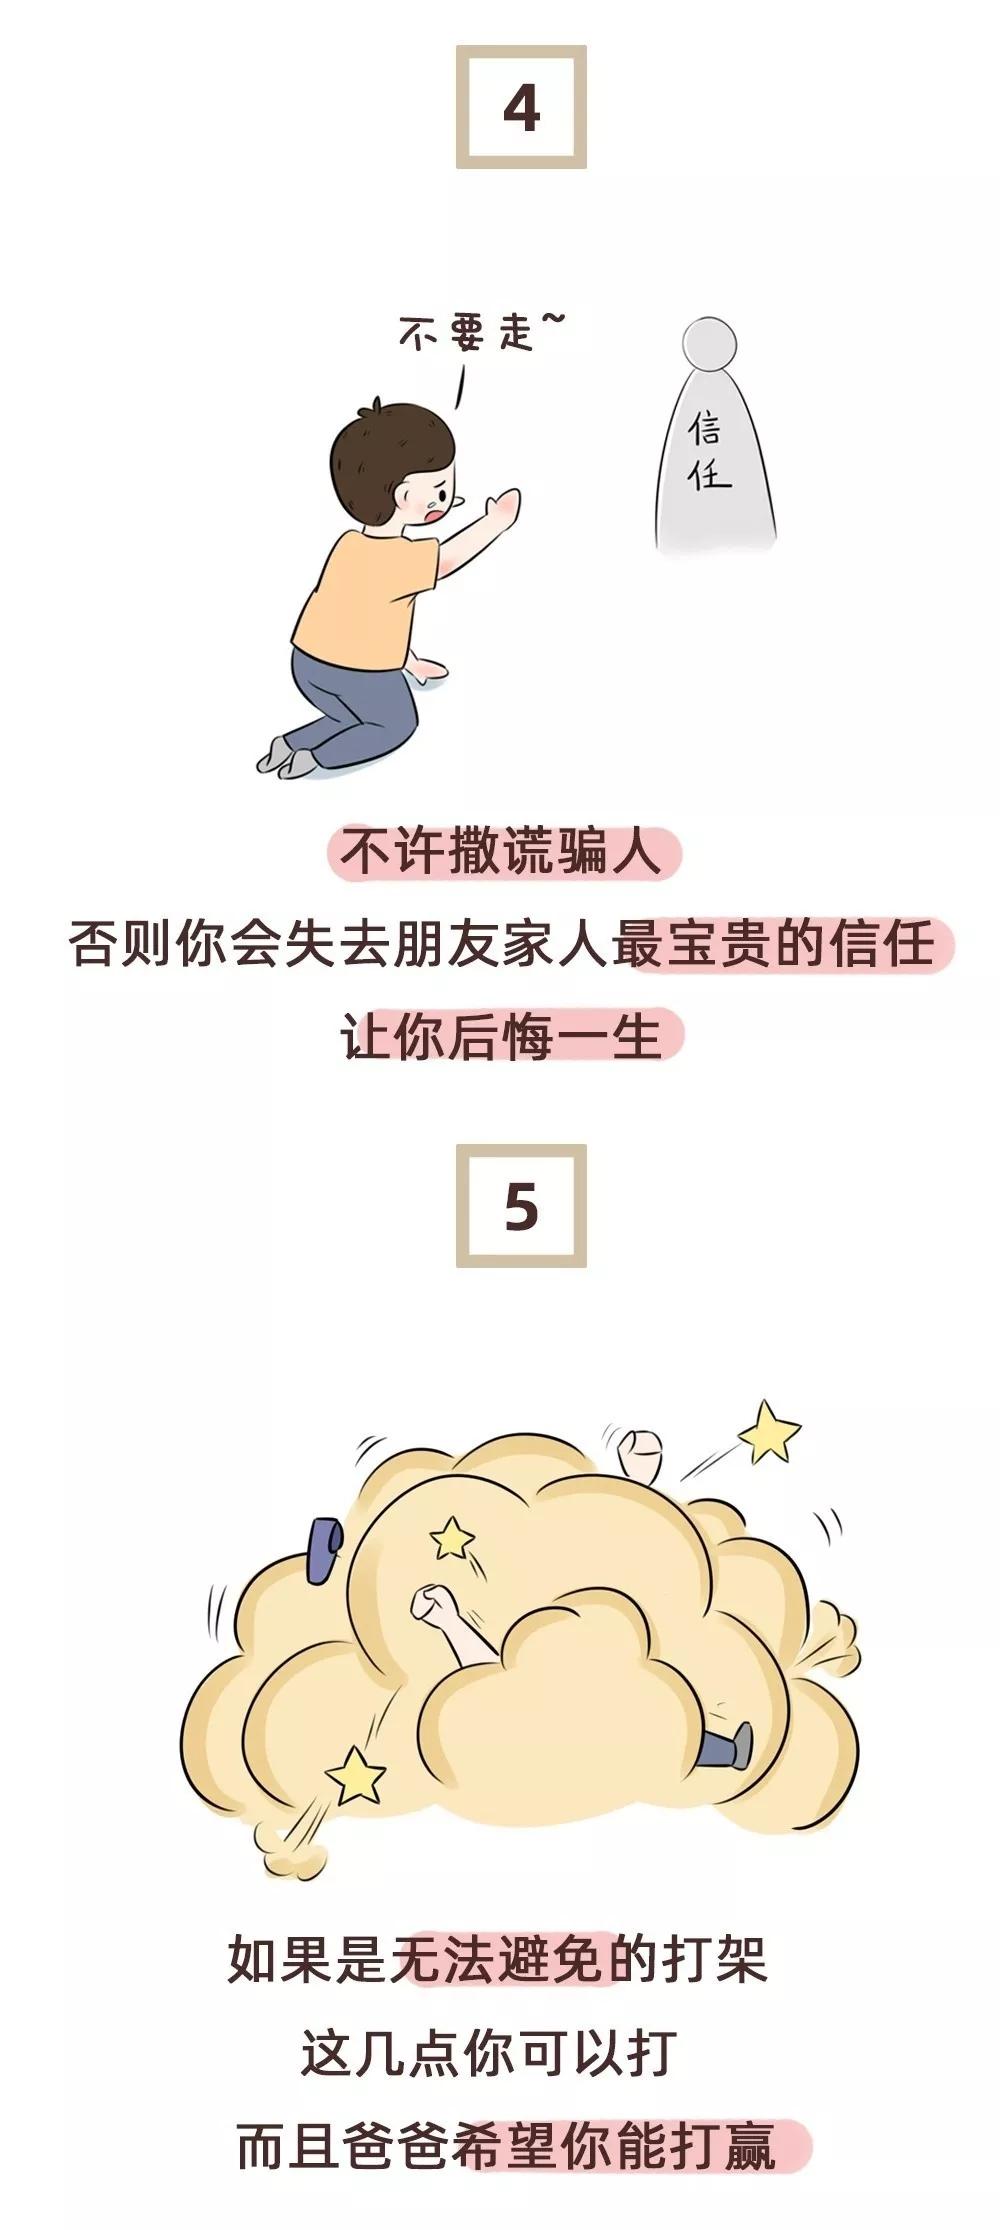 图8.webp.jpg